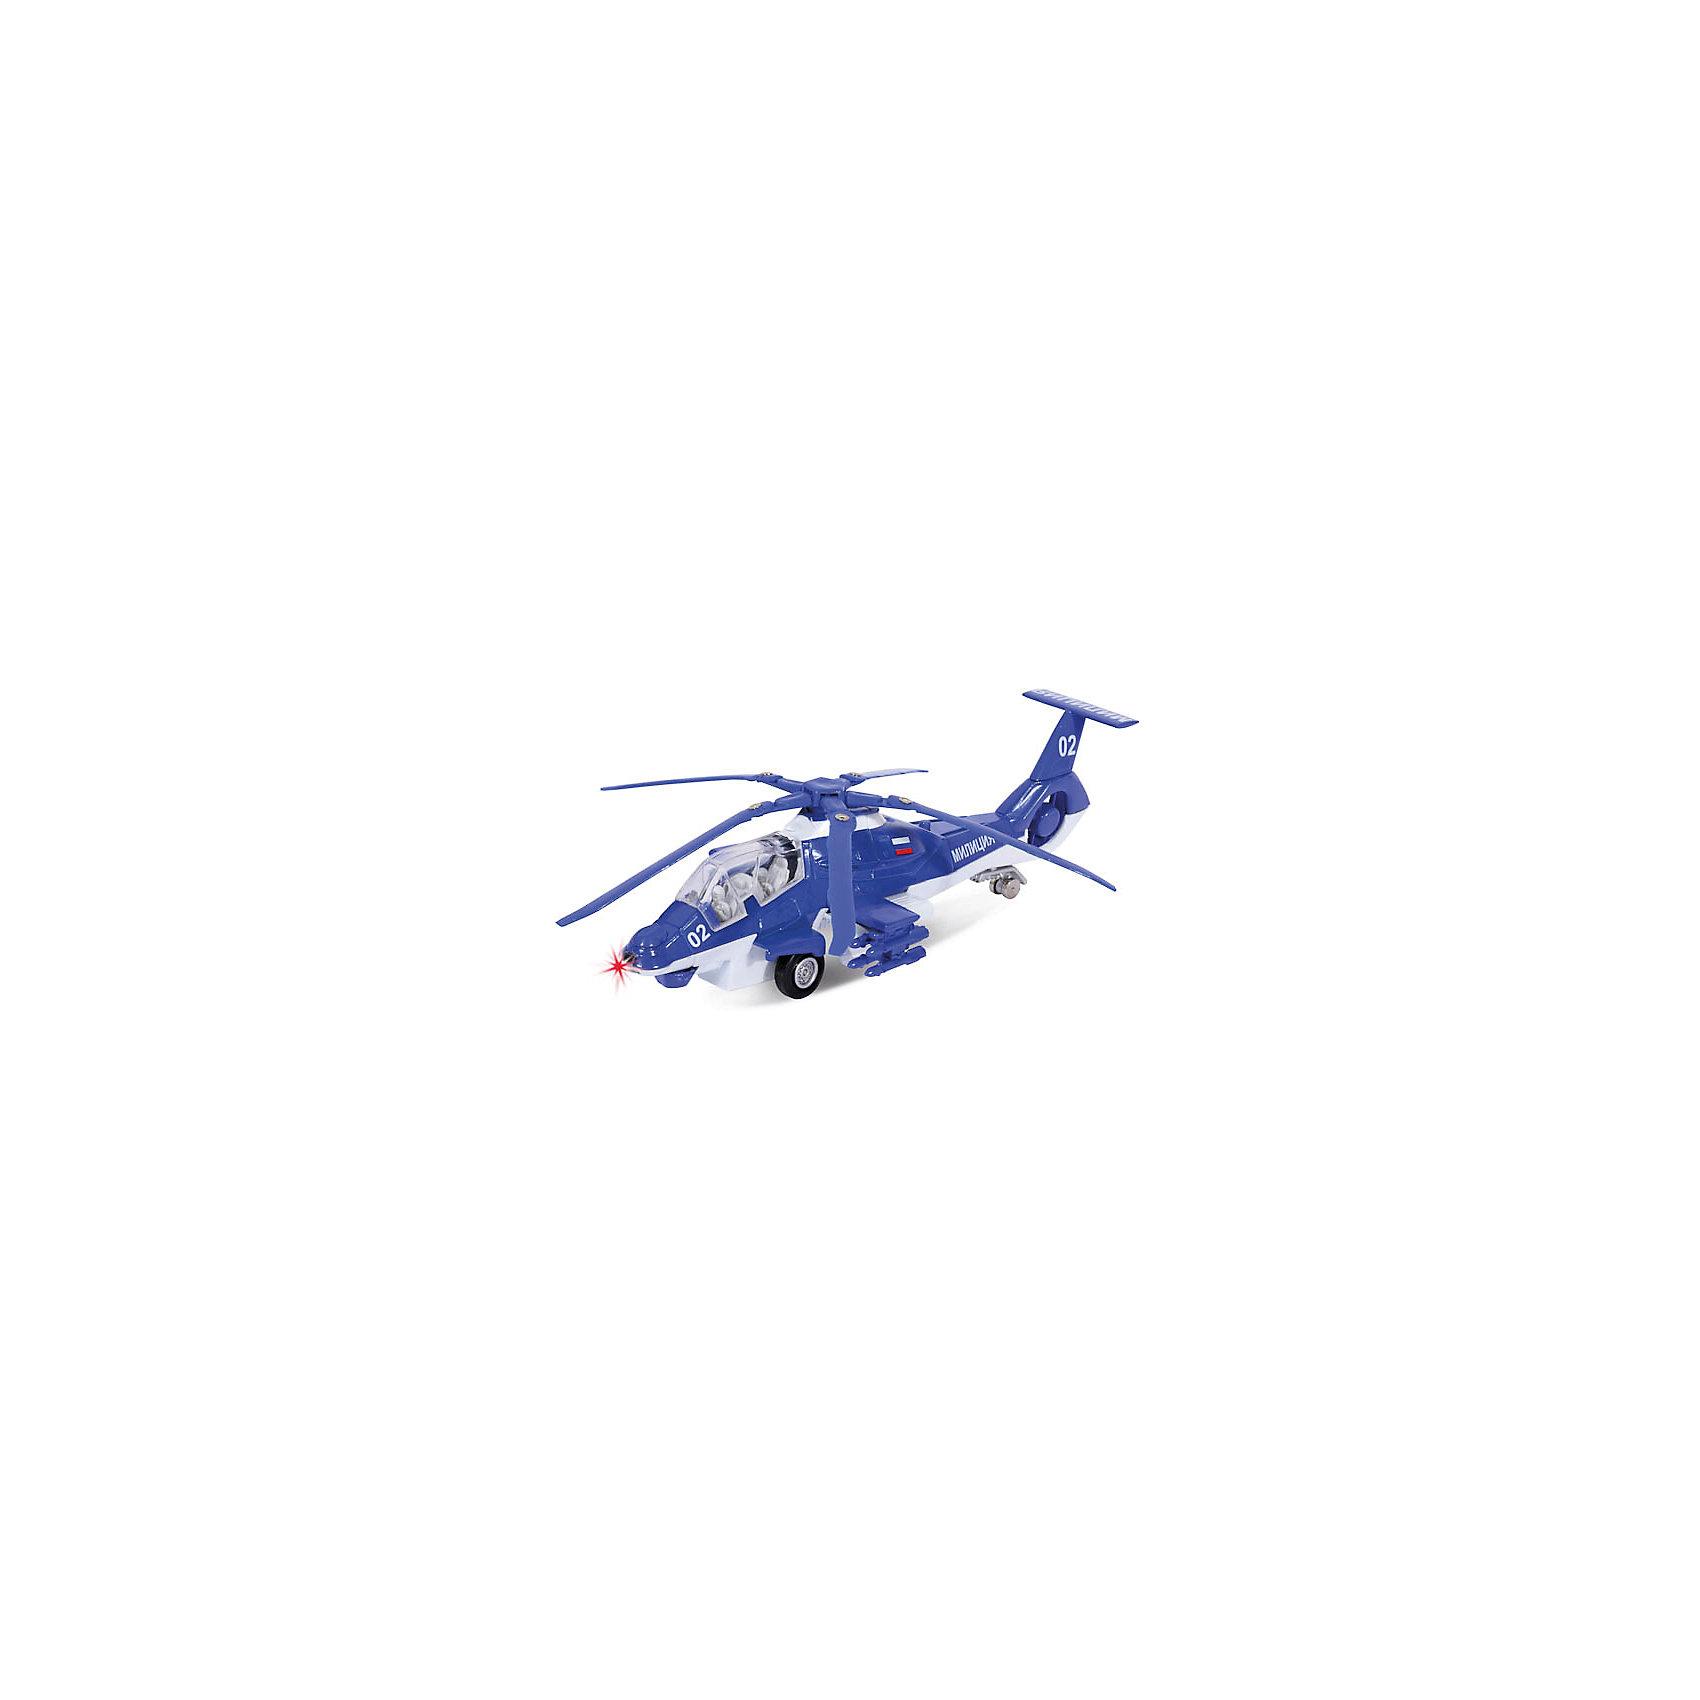 Инерционный вертолет Полиция,1:43, со  светом и звуком, ТЕХНОПАРКПолицейский вертолет обязательно понравится мальчишкам! Игрушка прекрасно детализирована и реалистично раскрашена. Световые и звуковые эффекты, встроенный инерционный механизм сделают игру еще более реалистичной и интересной. Вертолет изготовлен из высококачественного экологичного пластика безопасного для детей. <br><br>Дополнительная информация:<br><br>- Материал: пластик. <br>- Размер упаковки: 29 х 15 х 10 см.<br>- Масштаб: 1:43.<br>- Световые, звуковые эффекты.<br>- Инерционный механизм. <br>- Элемент питания: батарейки (в комплекте).<br><br>Инерционный вертолет Полиция,1:43, со  светом и звуком, ТЕХНОПАРК, можно купить в нашем магазине.<br><br>Ширина мм: 280<br>Глубина мм: 140<br>Высота мм: 90<br>Вес г: 280<br>Возраст от месяцев: 36<br>Возраст до месяцев: 144<br>Пол: Мужской<br>Возраст: Детский<br>SKU: 4334889